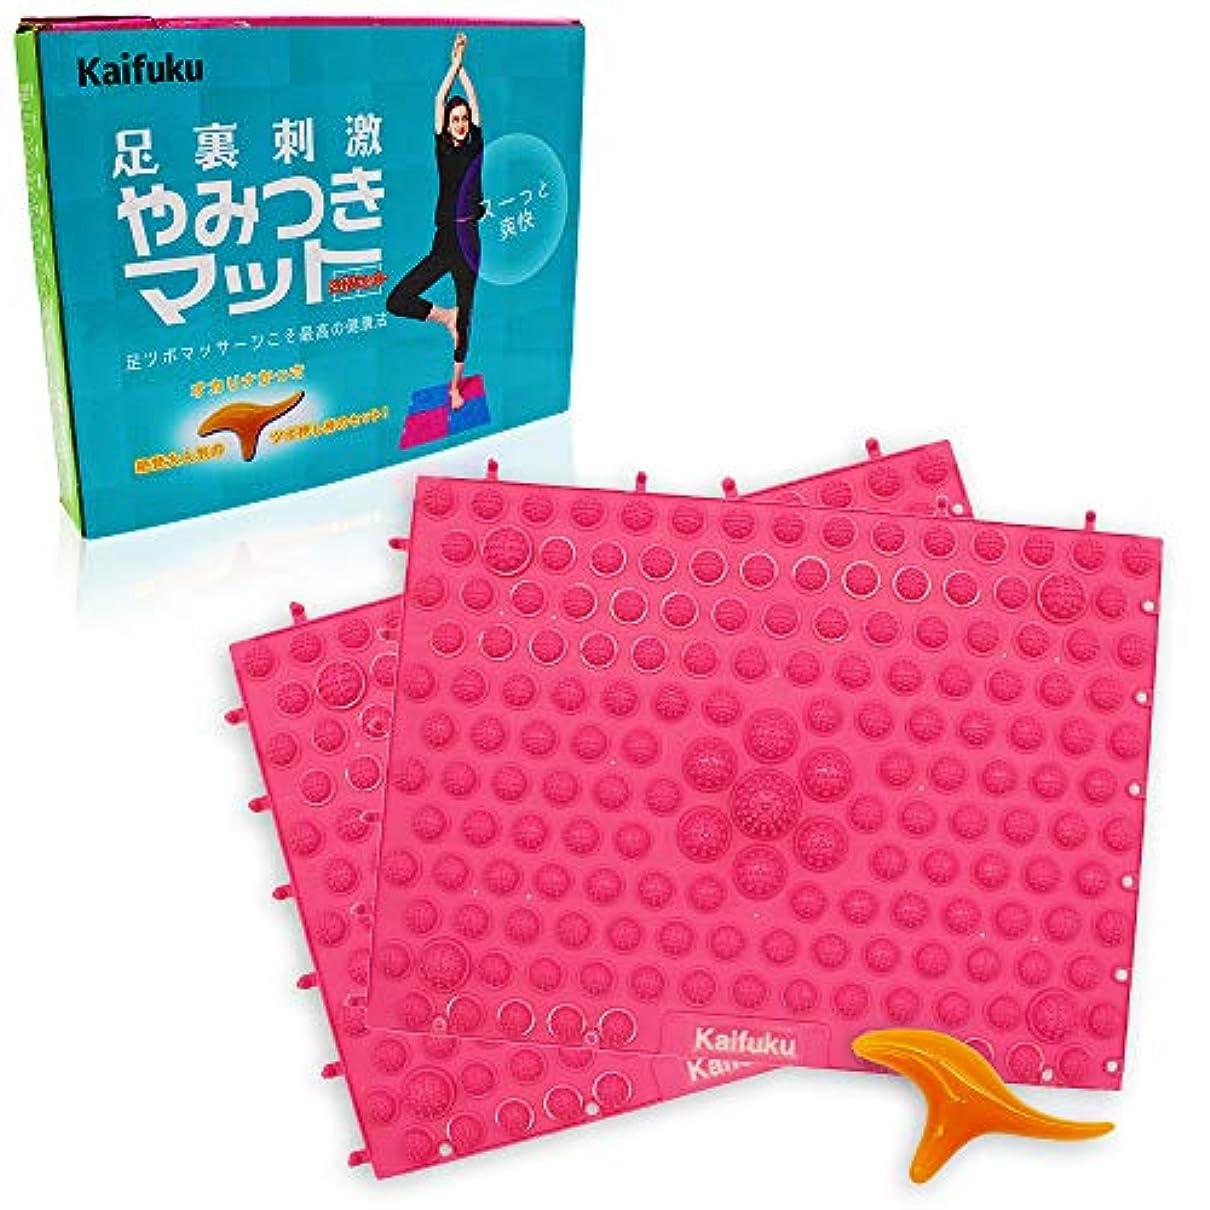 買い手聖人不運kaifuku 足つぼマット 足つぼ 足裏マッサージ 足つぼマッサージ ツボ押し (ピンク)